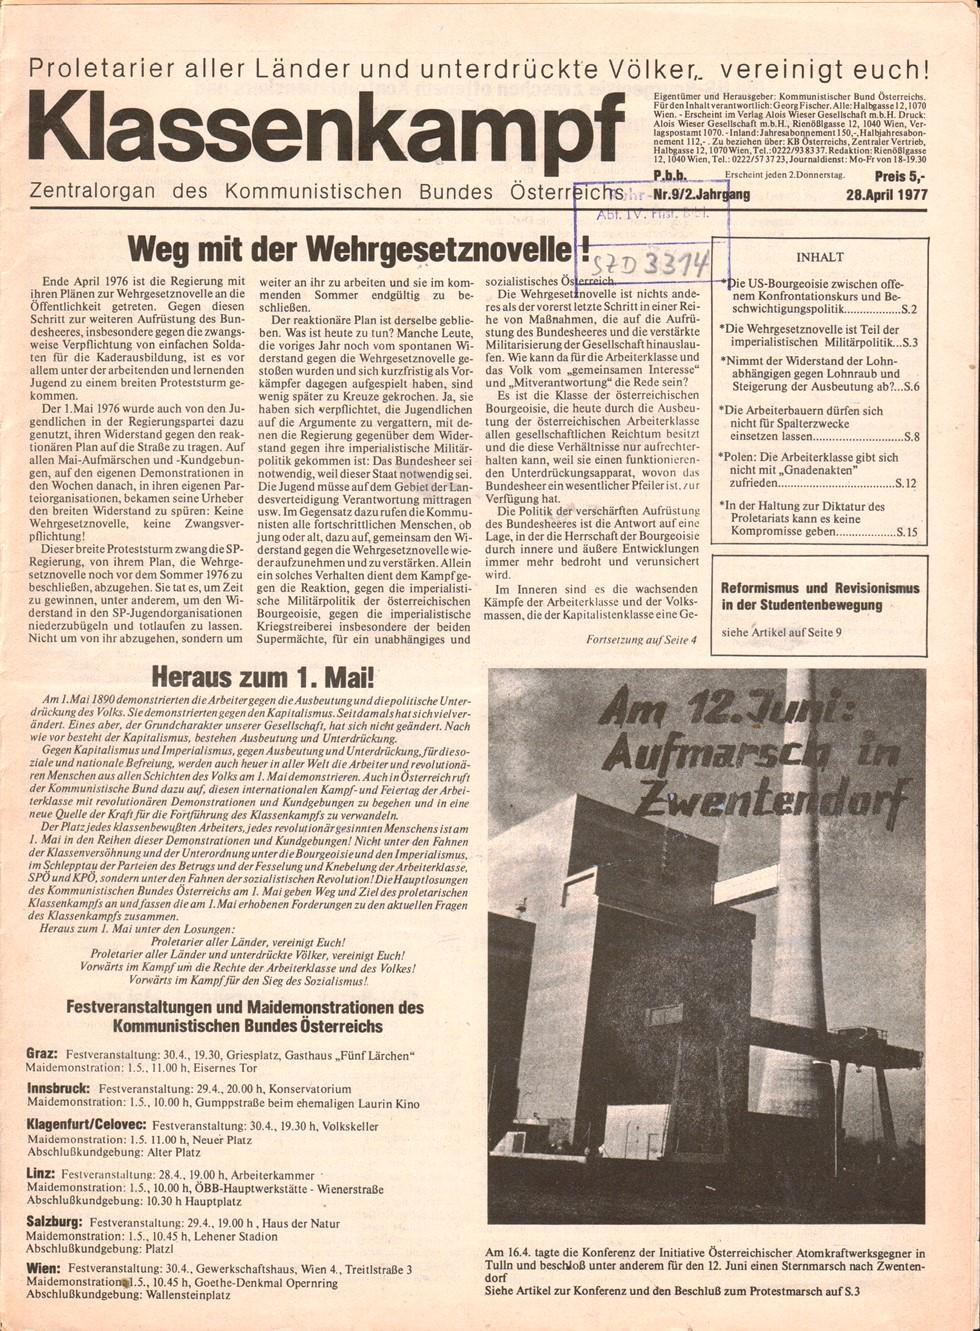 KBOe_Klassenkampf_1977_09_01